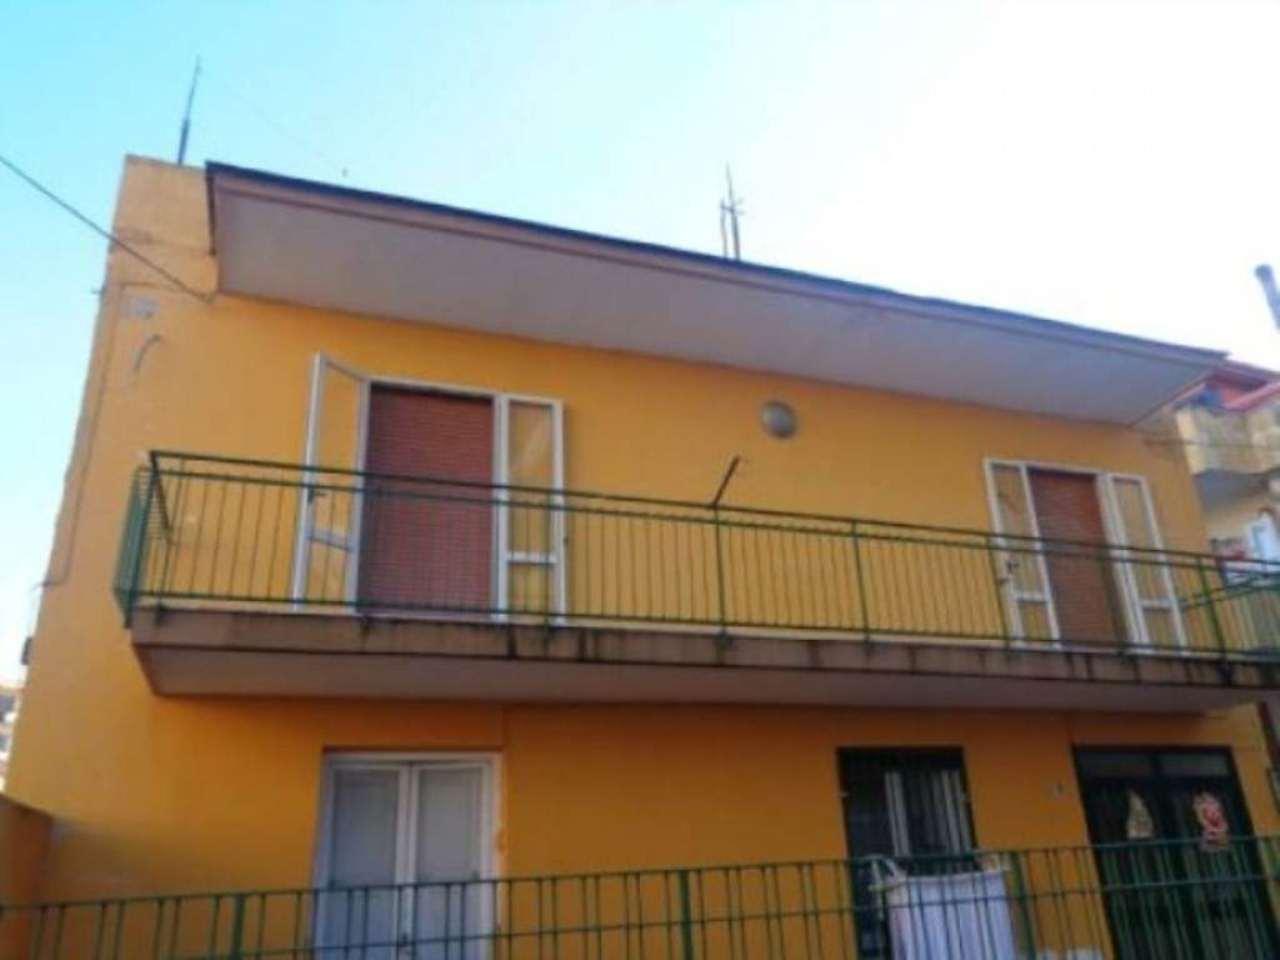 Appartamento in vendita a Marano di Napoli, 3 locali, prezzo € 127.000 | CambioCasa.it